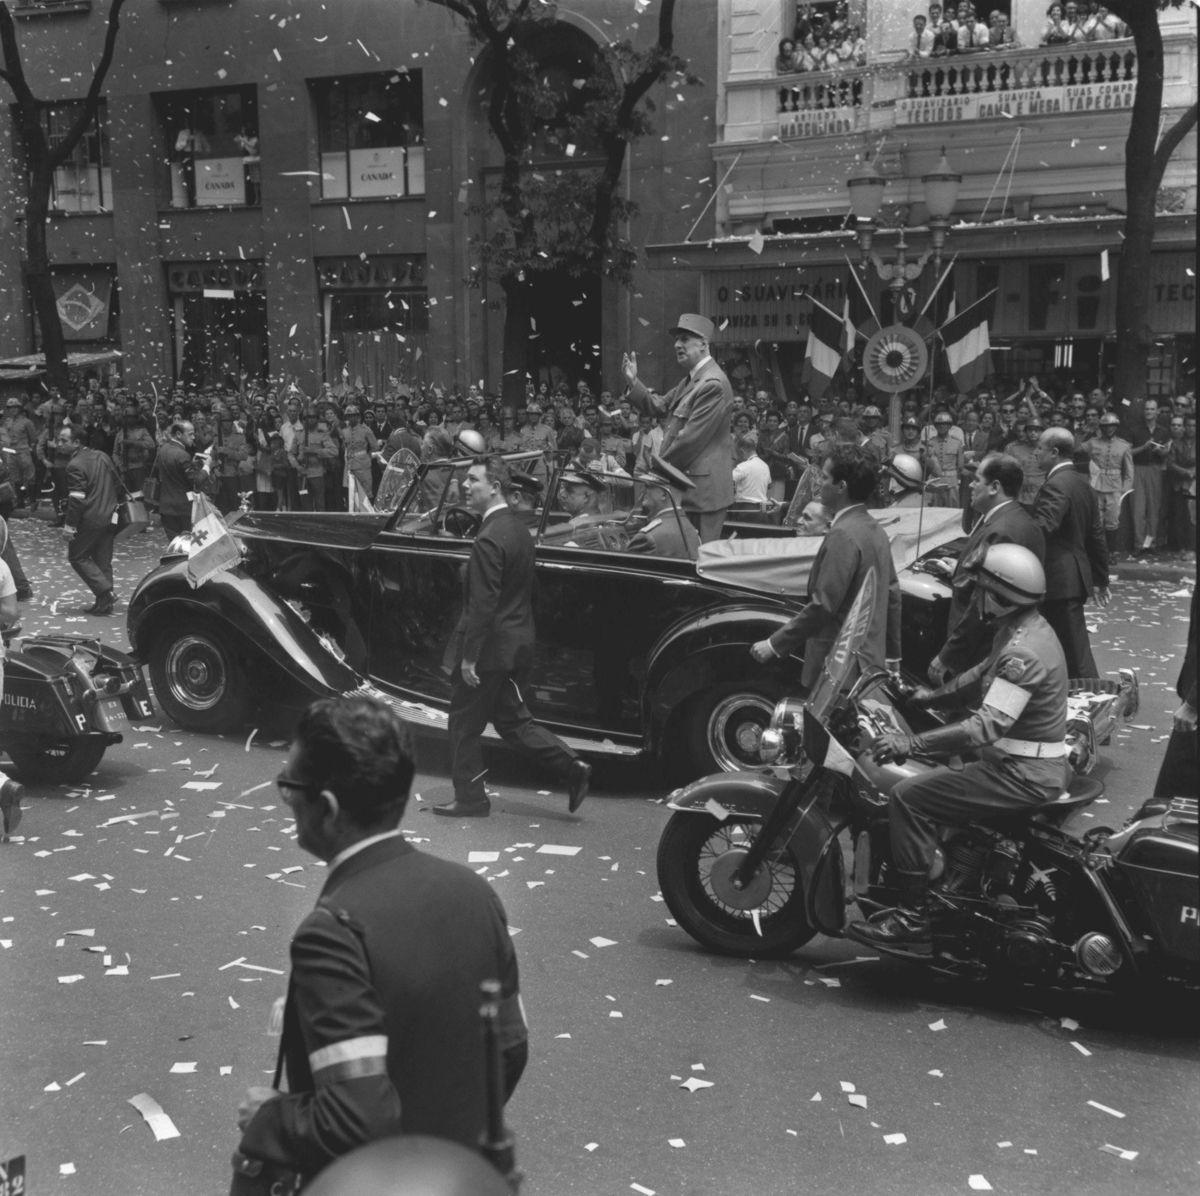 13.10.1964 - Arquivo / Reprodu‹o - CA - Presidente francs Charles de Gaulle - Visita ao Brasil